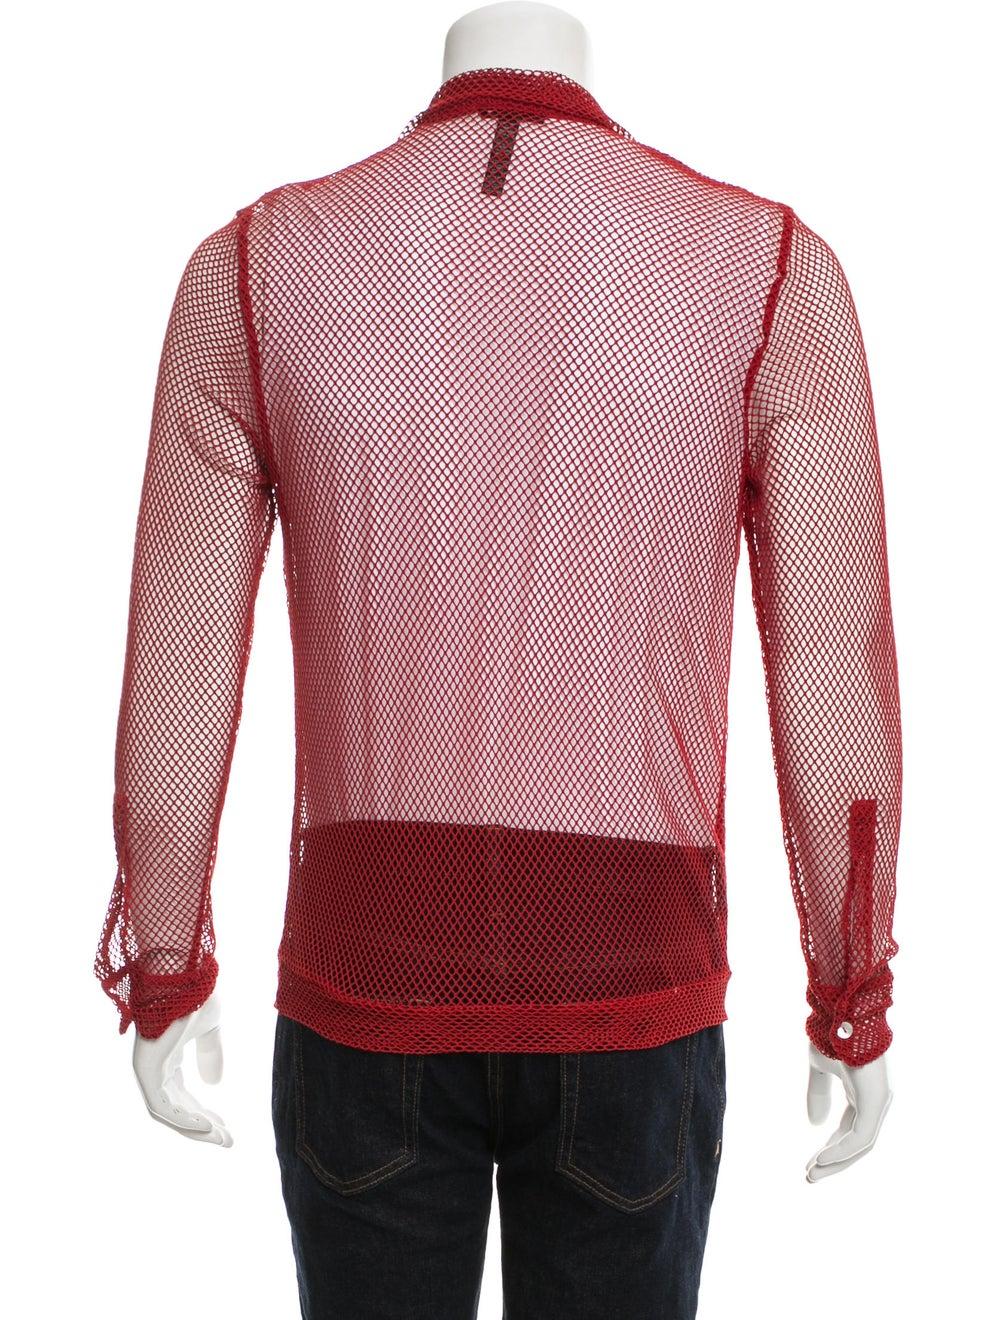 La Perla Long Sleeve Mesh Shirt red - image 3